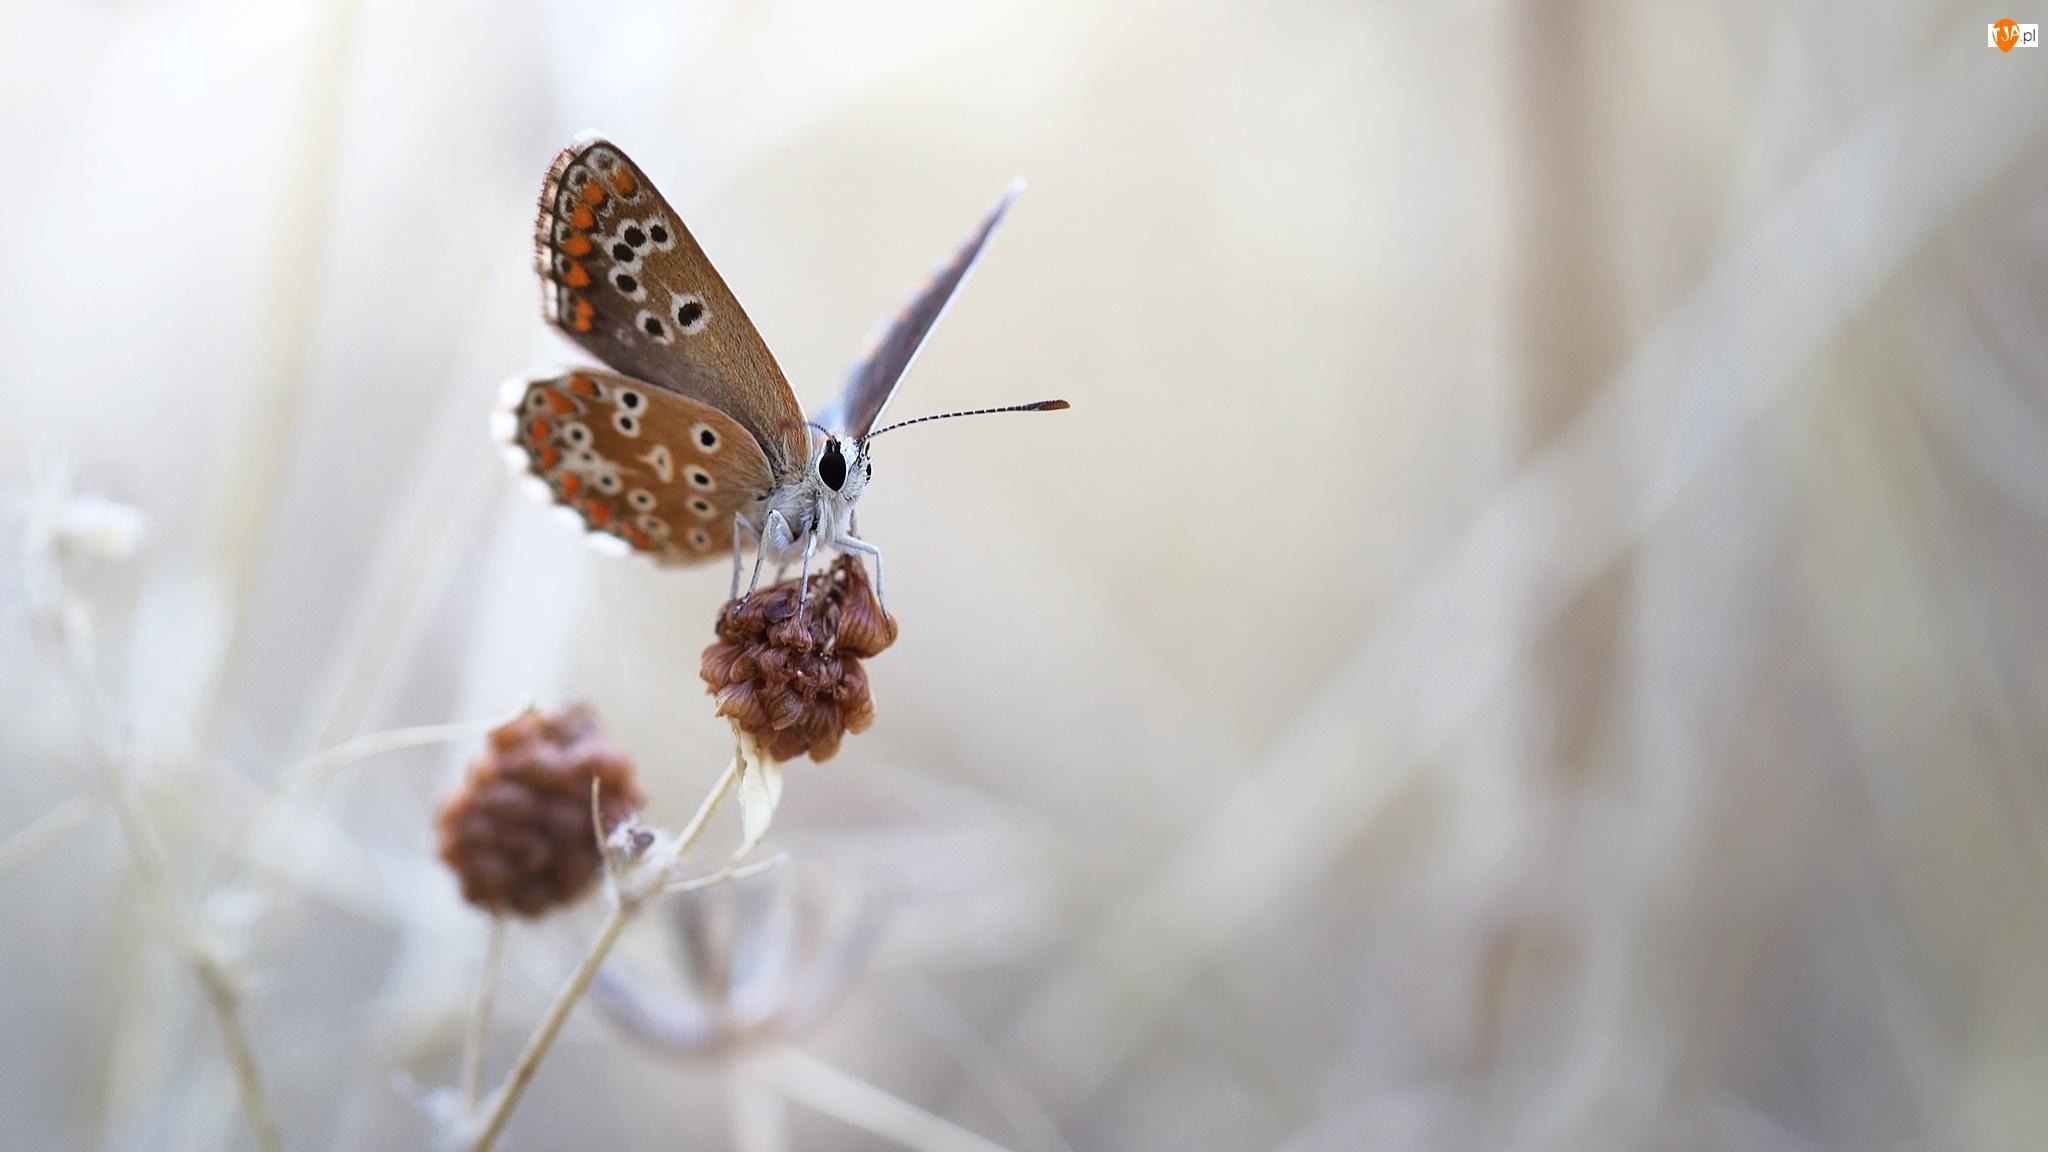 Modraszek ikar, Motyl, Macro, Tło, Roślina, Rozmyte